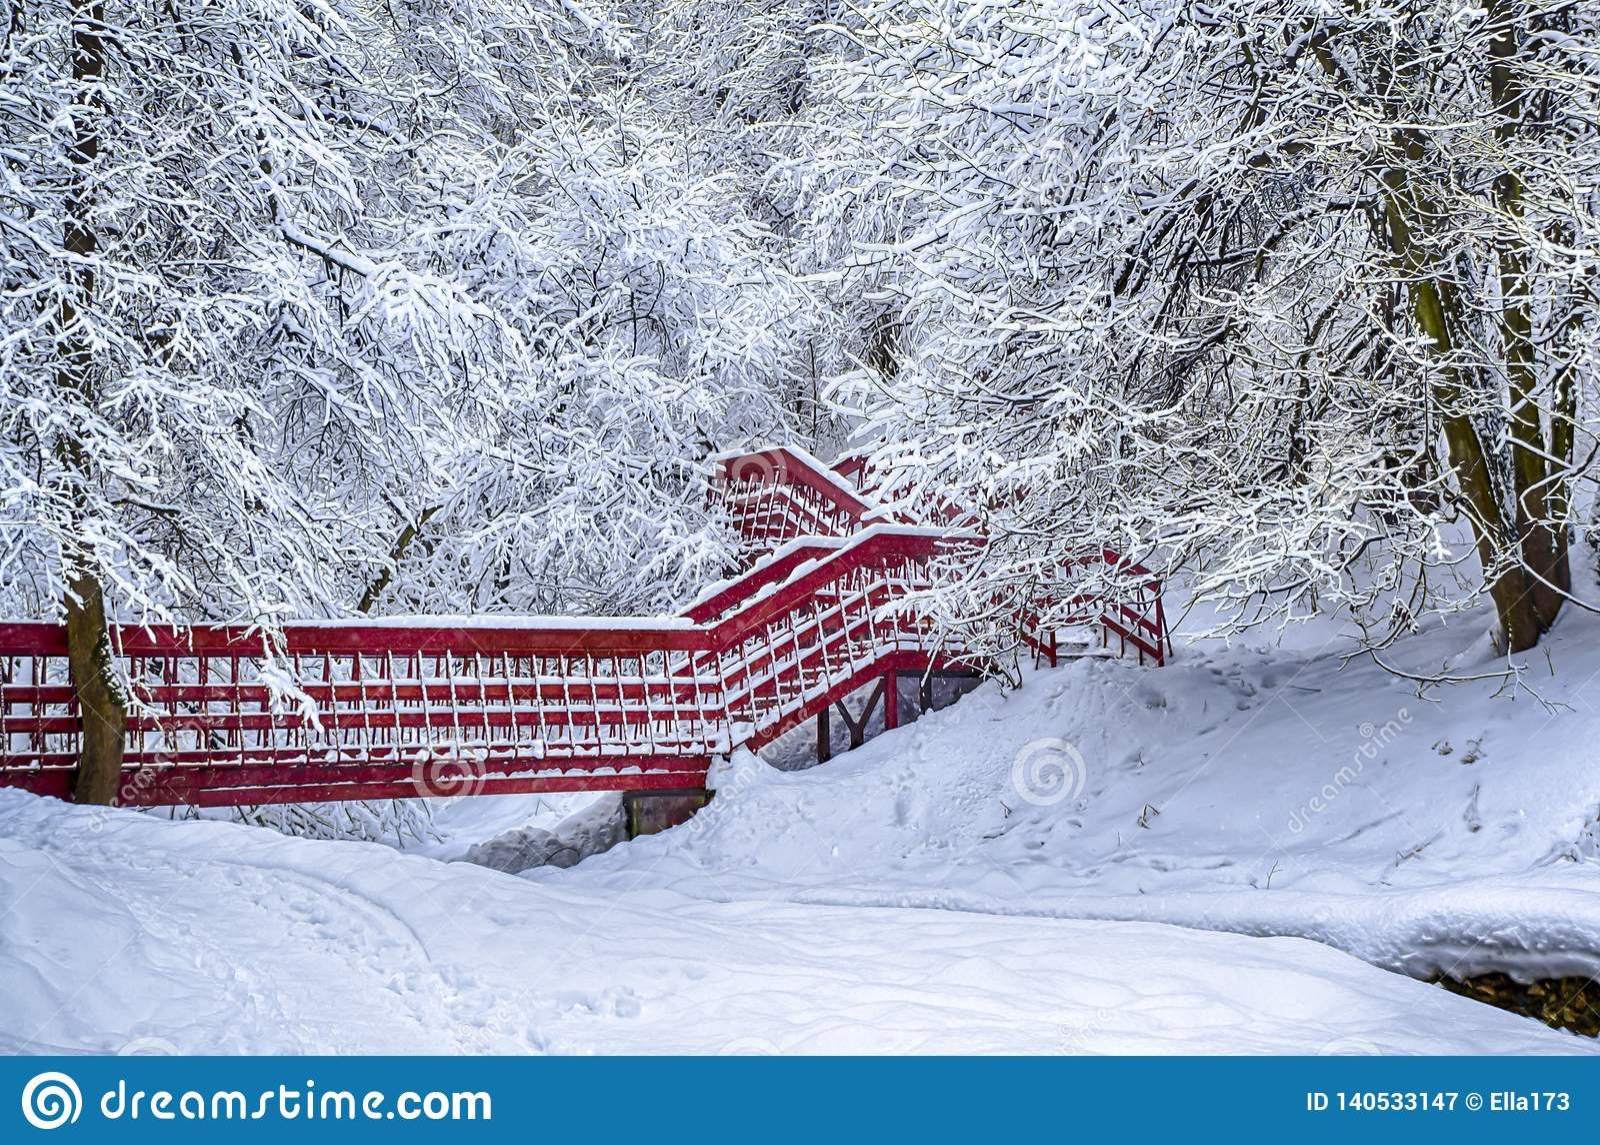 Снег леса ландшафта снега зимы сиротливого красного моста драматический на фото hdr виньетирования ветвей